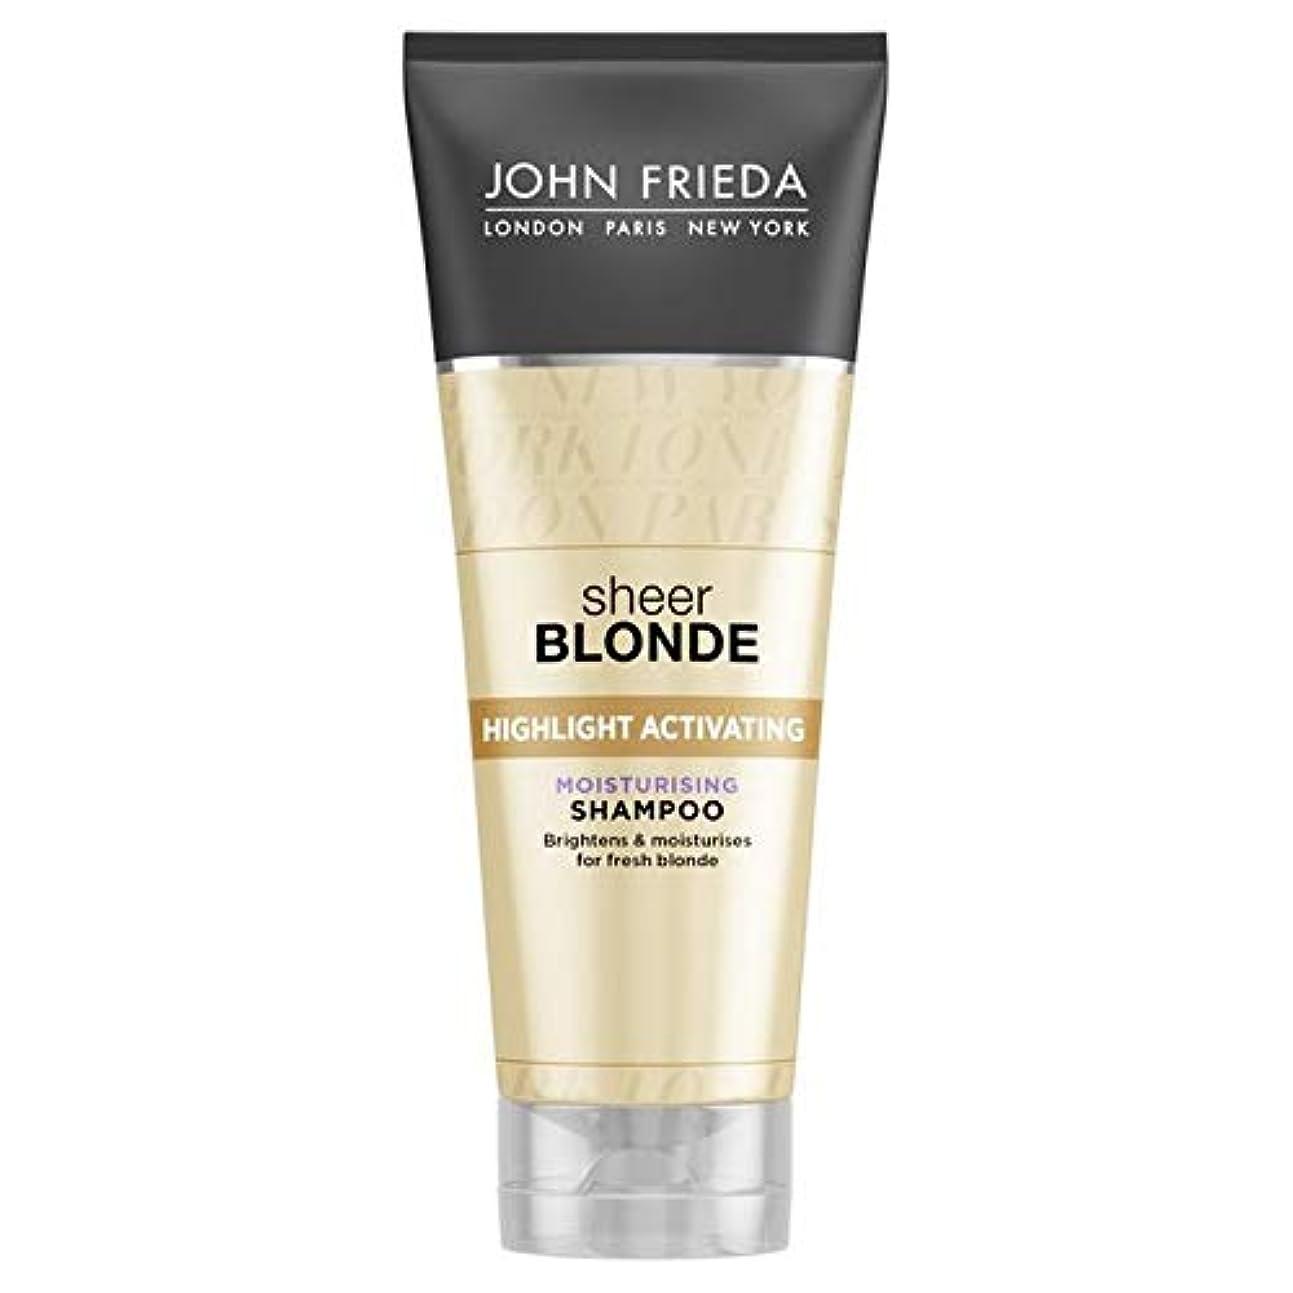 エージェントトチの実の木おばさん[John Frieda ] ジョン?フリーダハイライト活性化保湿シャンプー切り立っブロンド250ミリリットル - John Frieda Highlight Activating Moisturising Shampoo Sheer Blonde 250ml [並行輸入品]